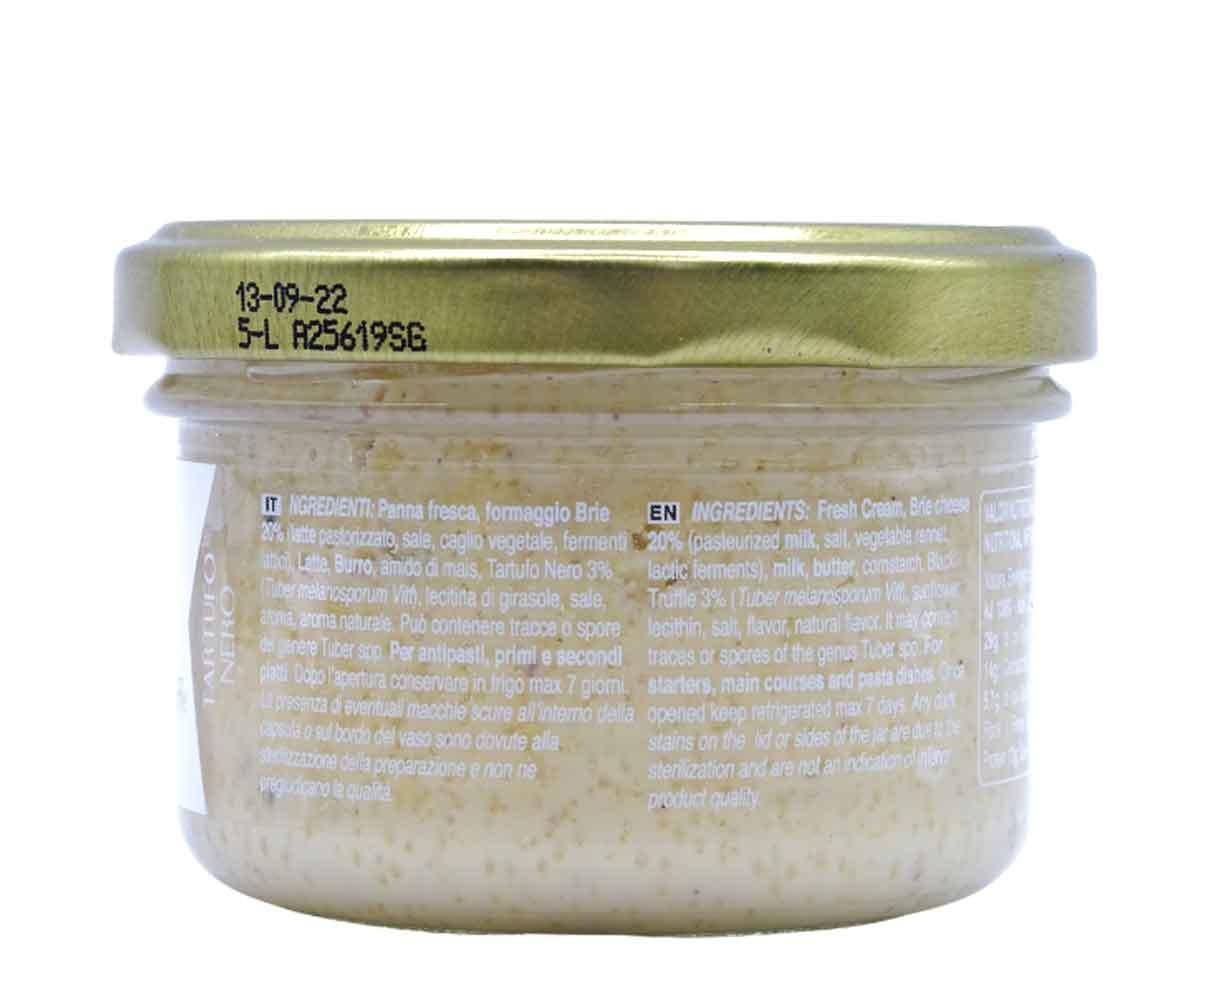 Crema di formaggio brie con tartufo nero Artigiani del Tartufo 90gr